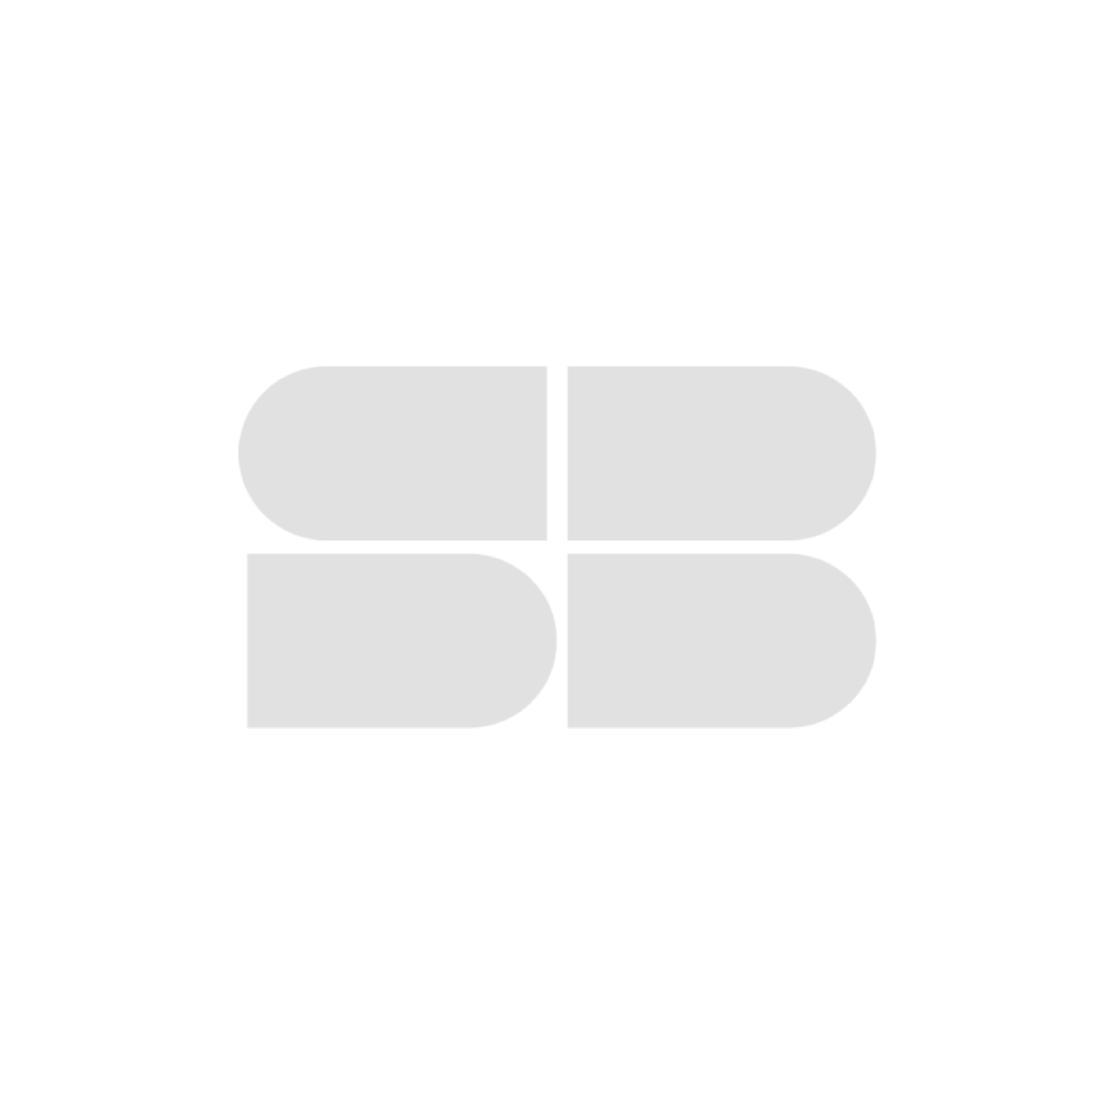 19205237-lamter-furniture-sofa-recliner-recliners-01